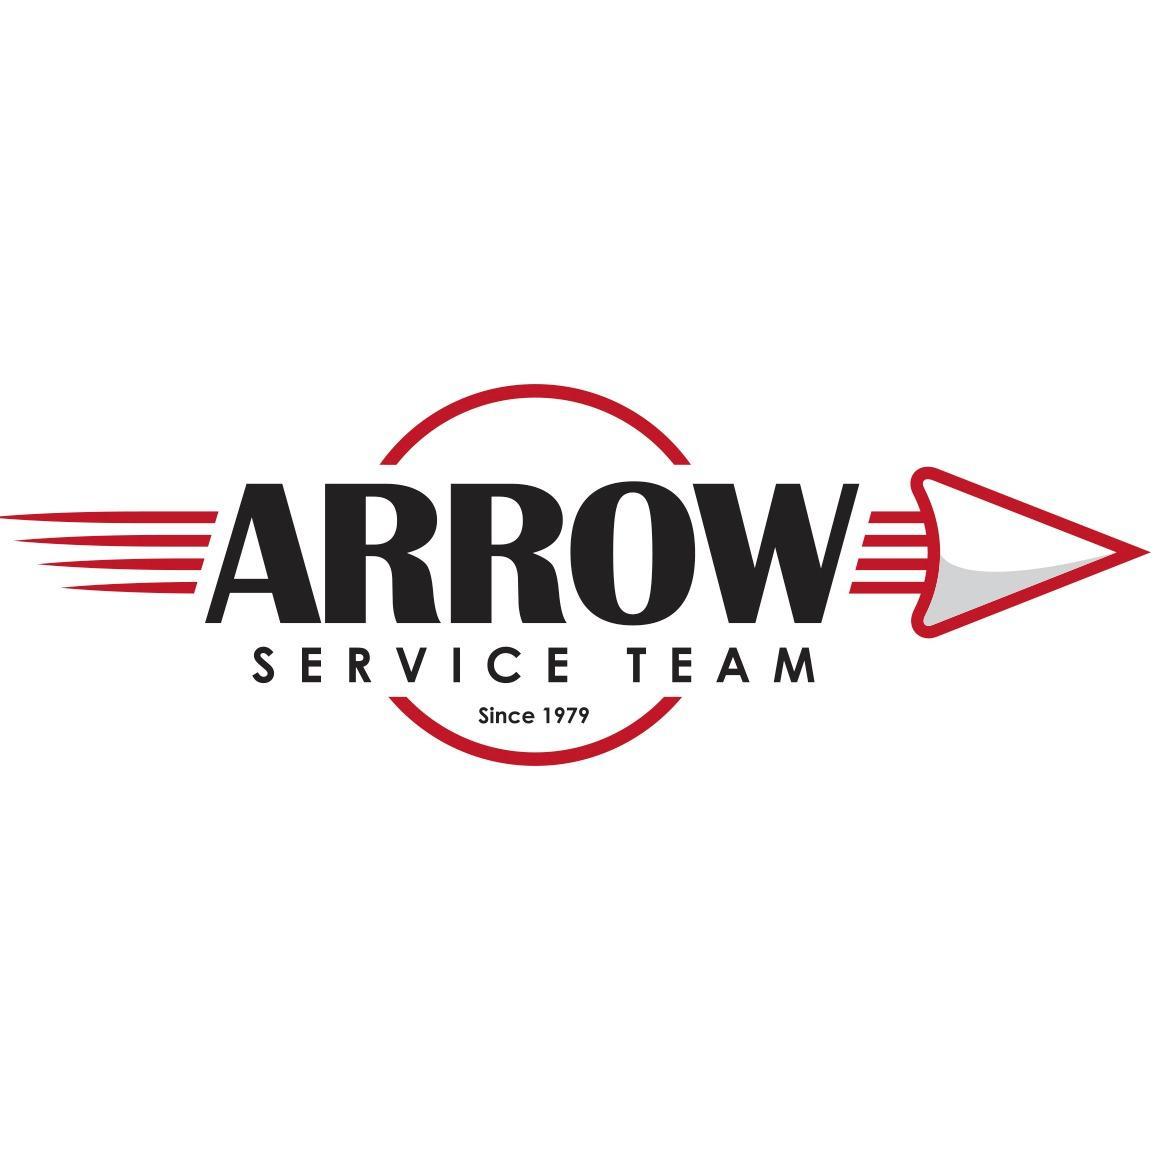 Arrow Service Team image 5